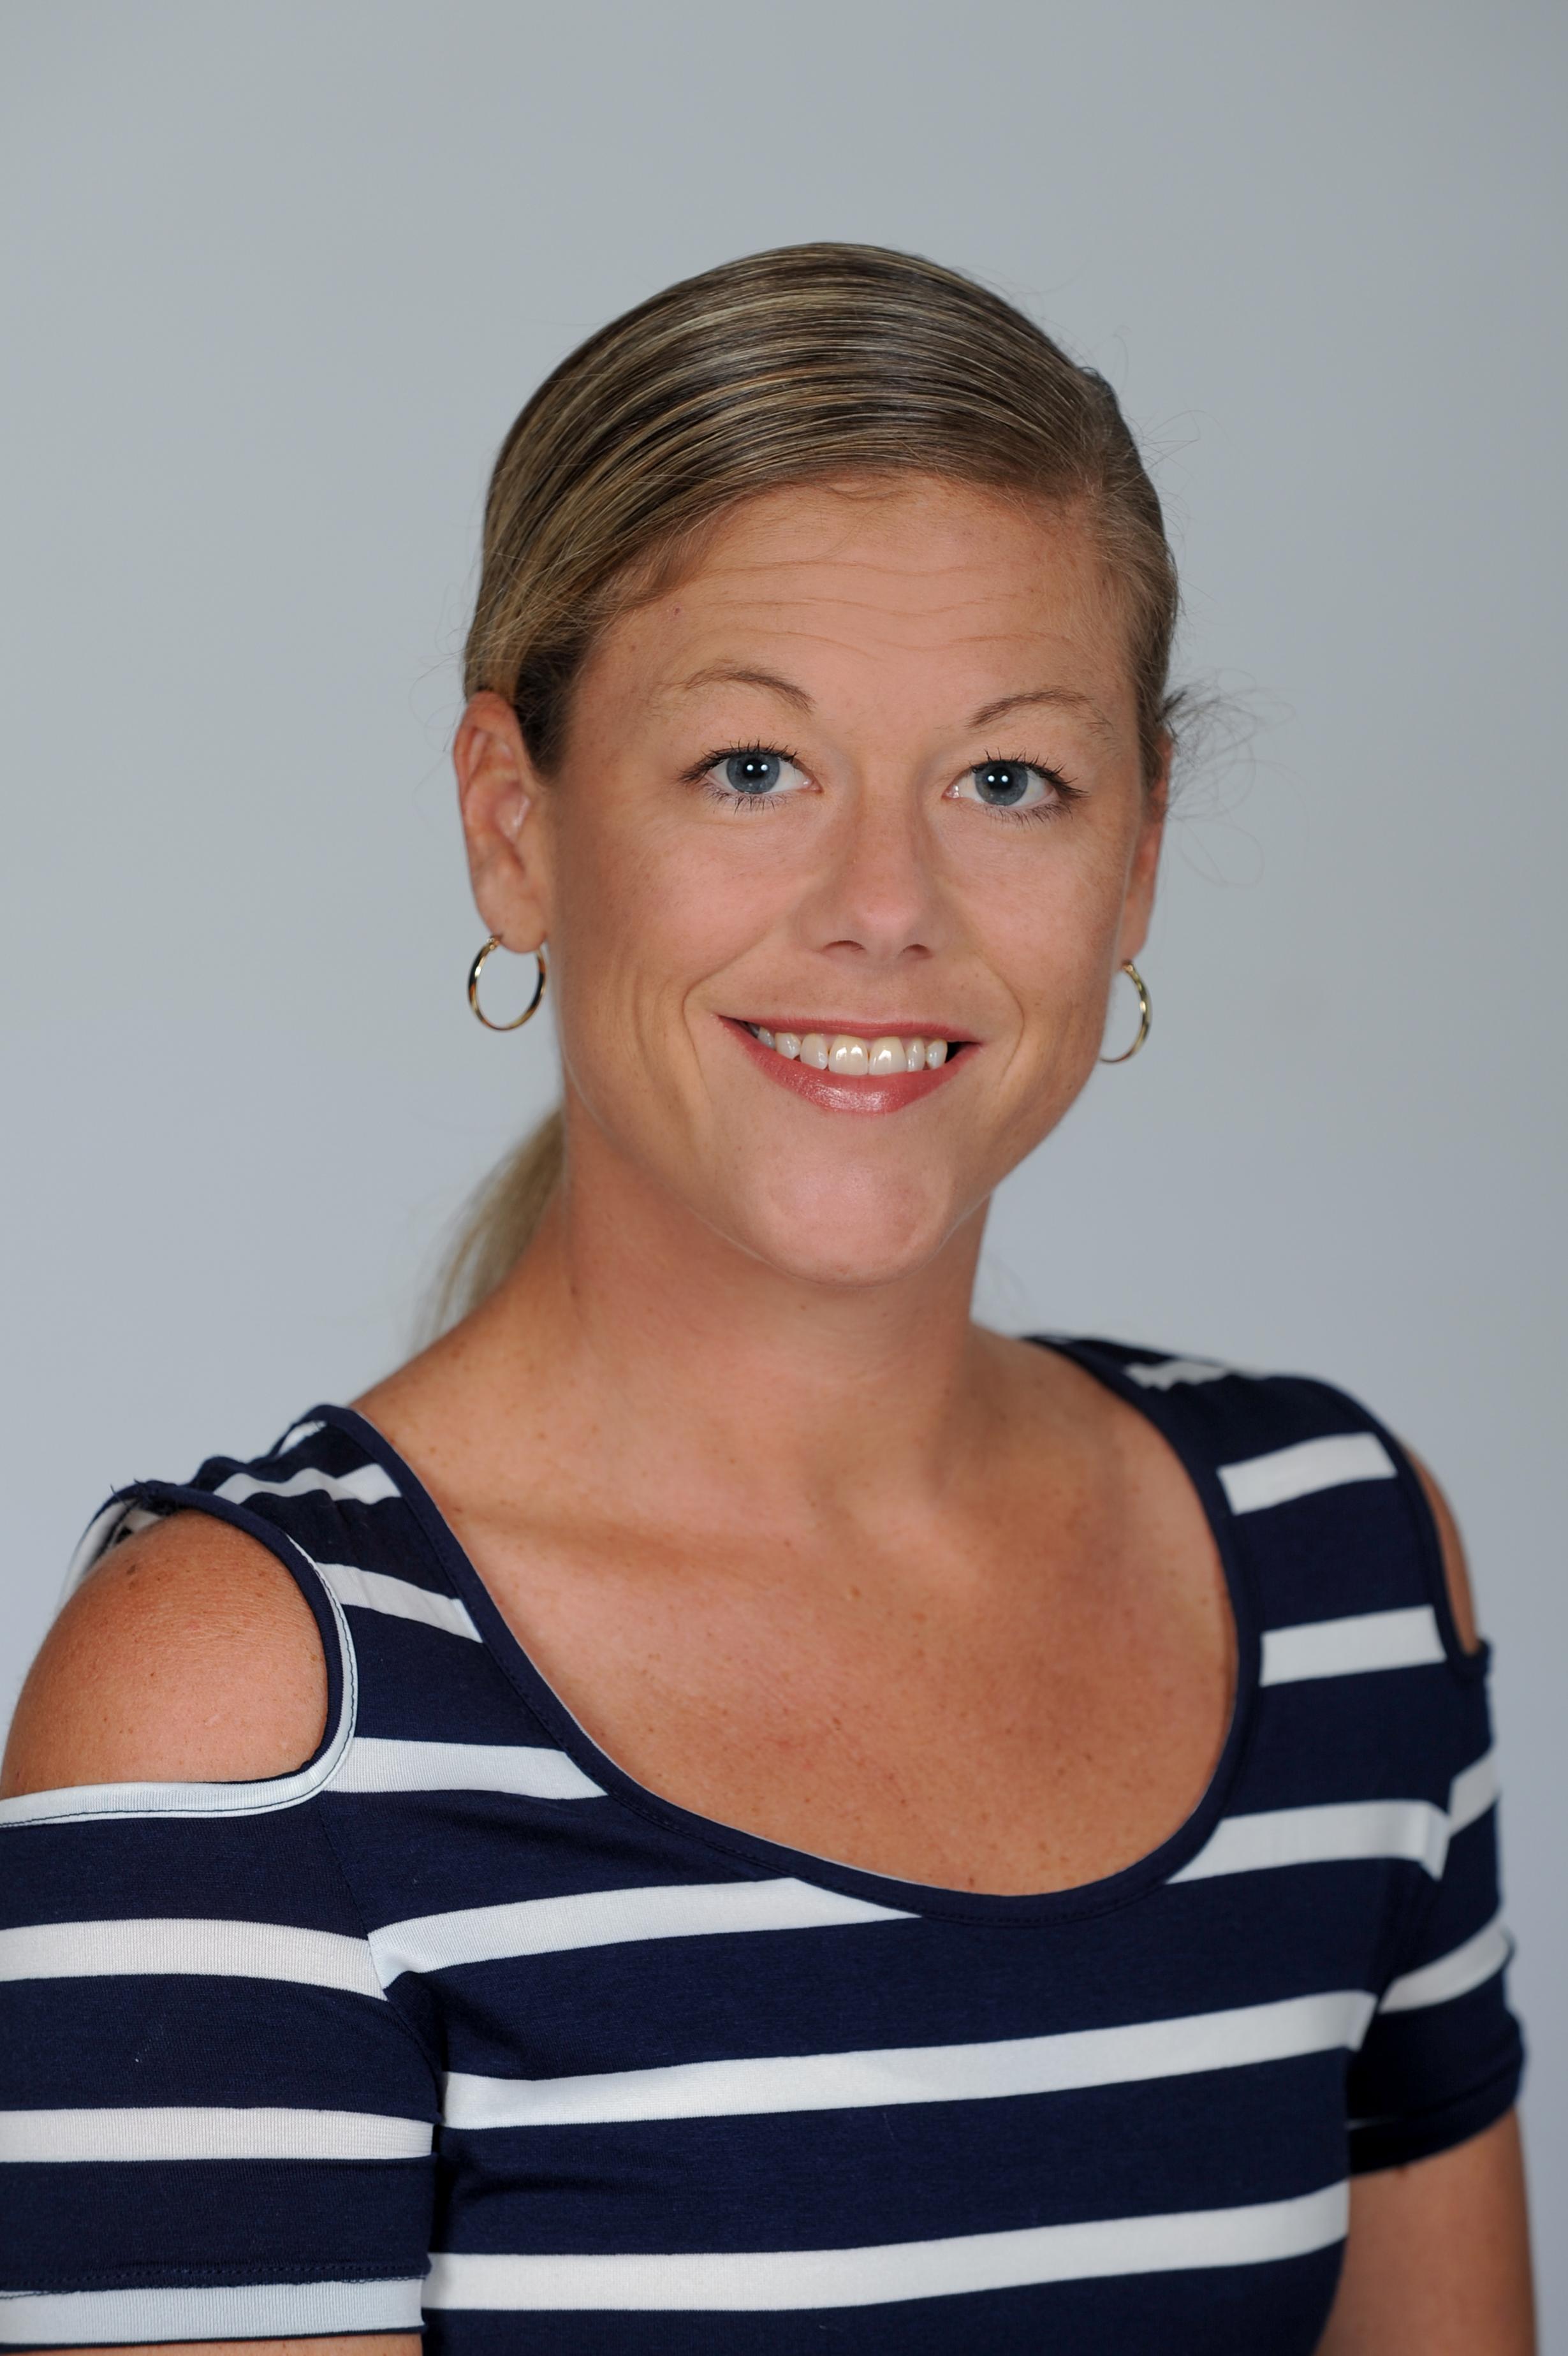 Lindsay Bannan